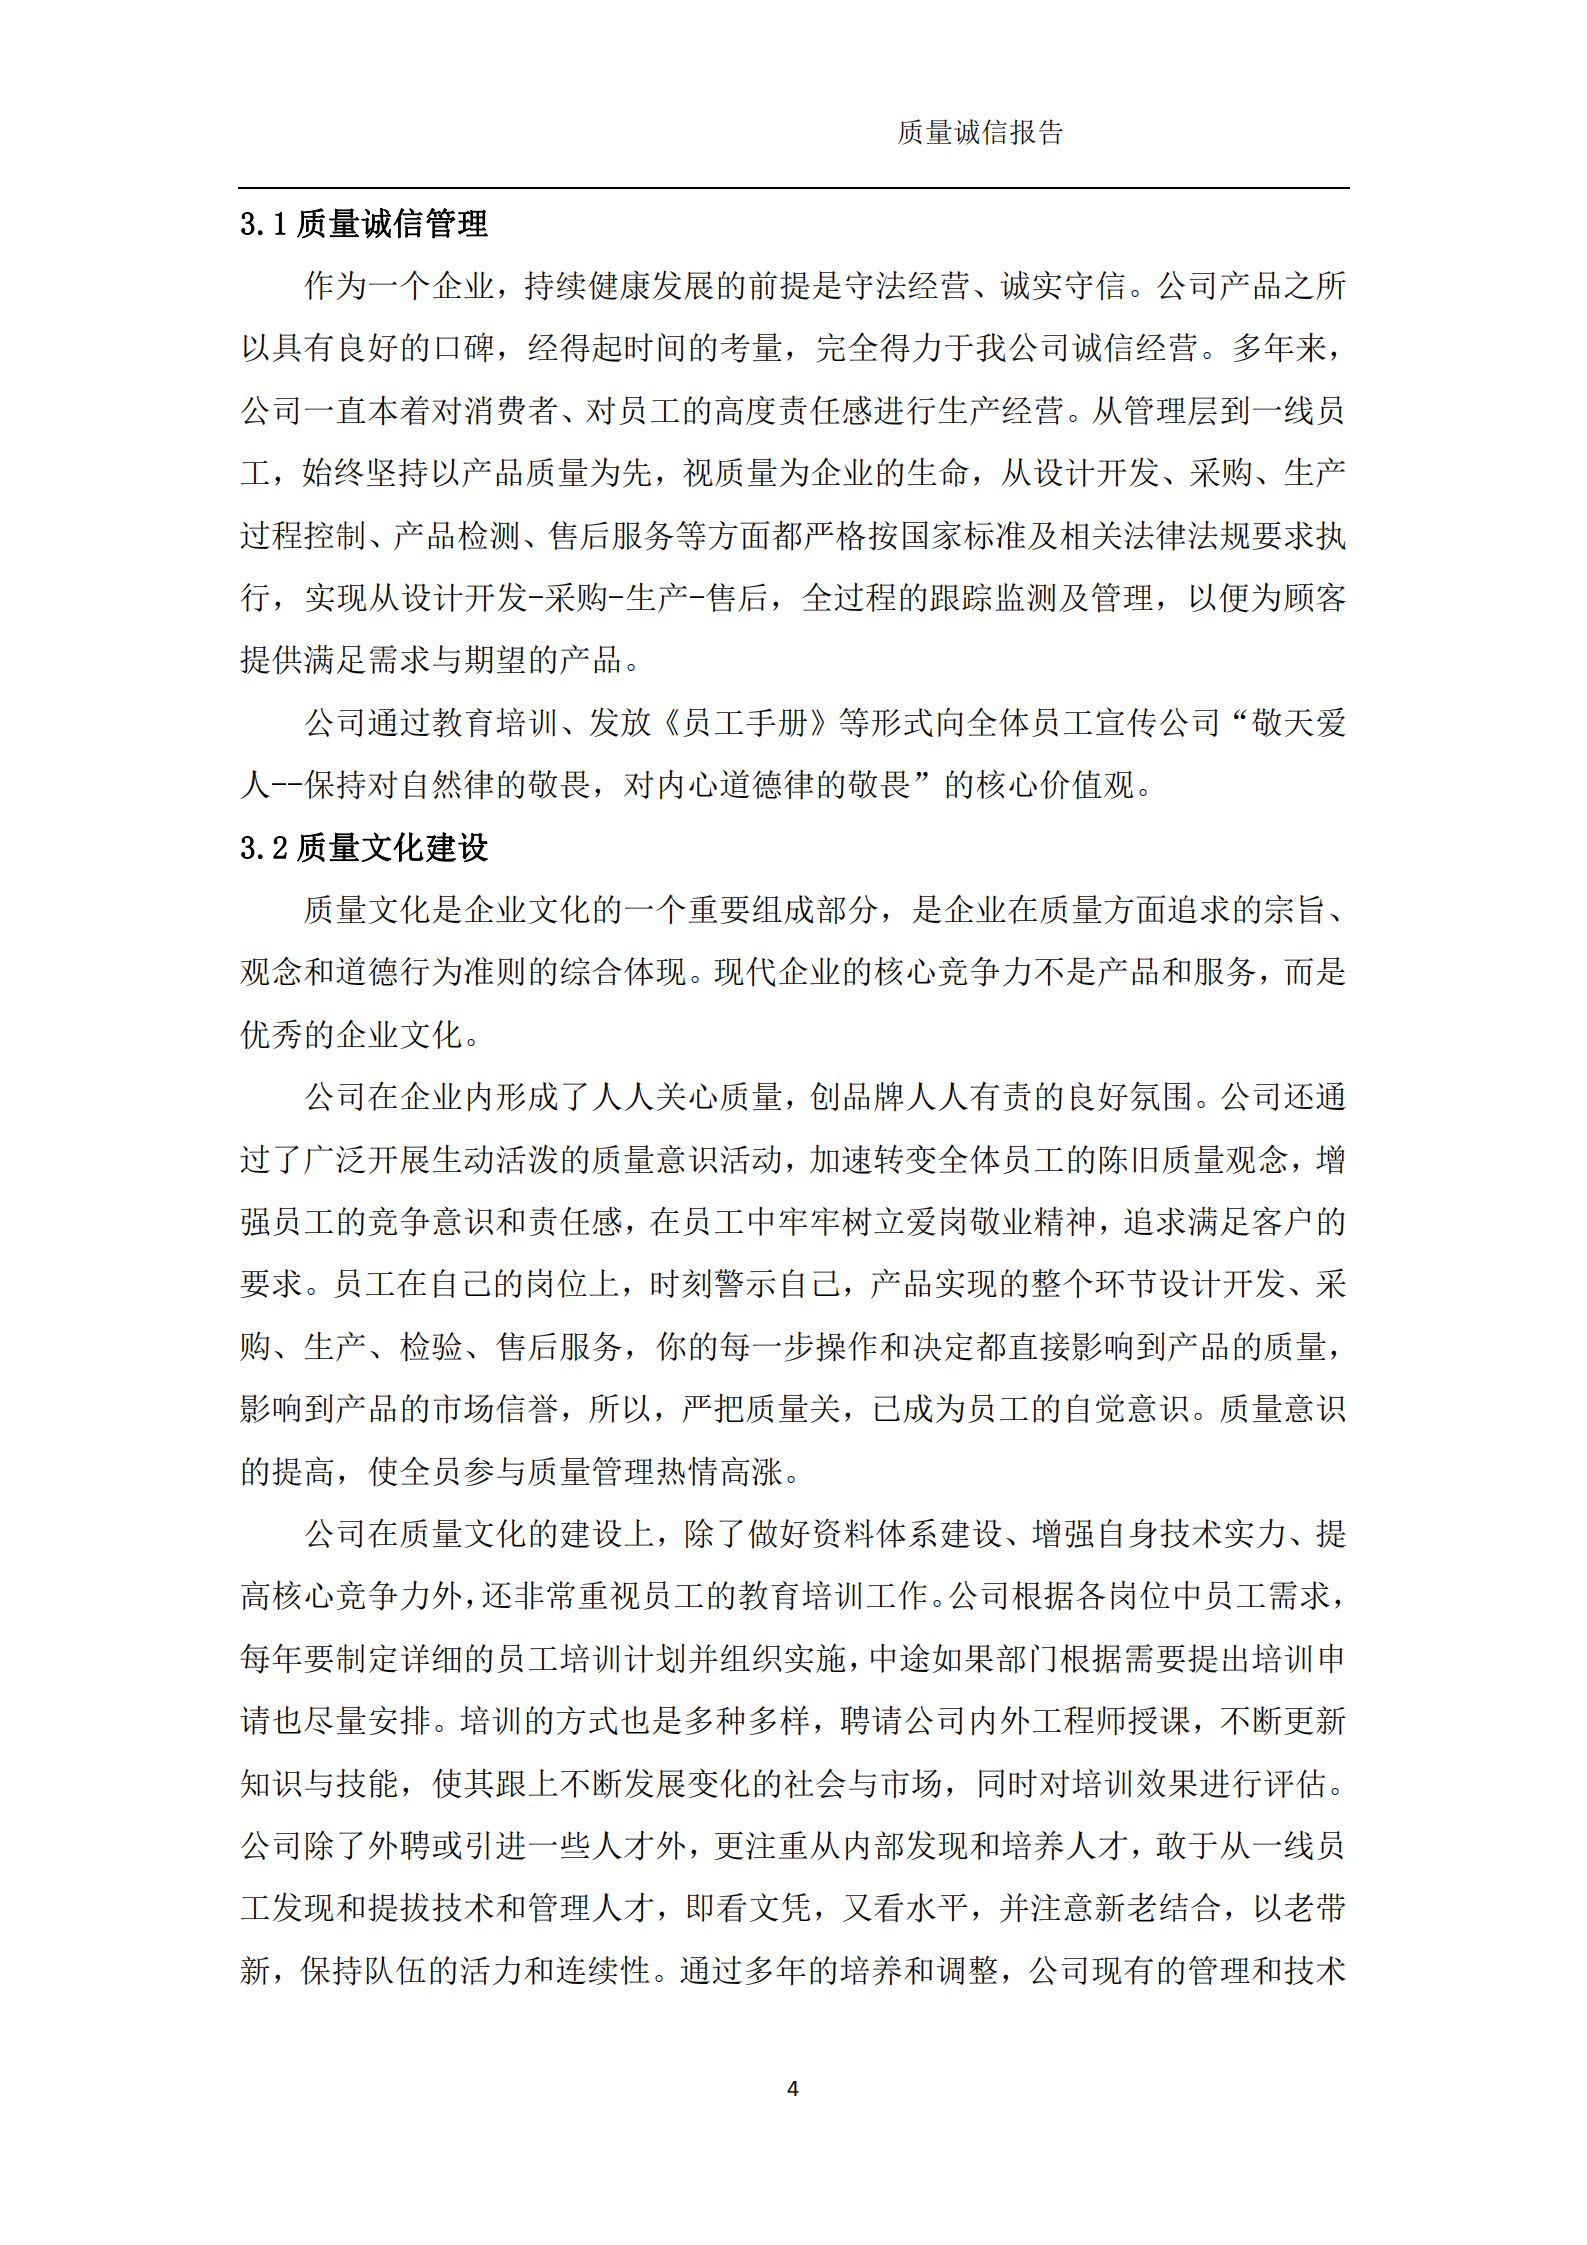 浙江新诚减速机科技有限公司-质量诚信报告(1)_05.png